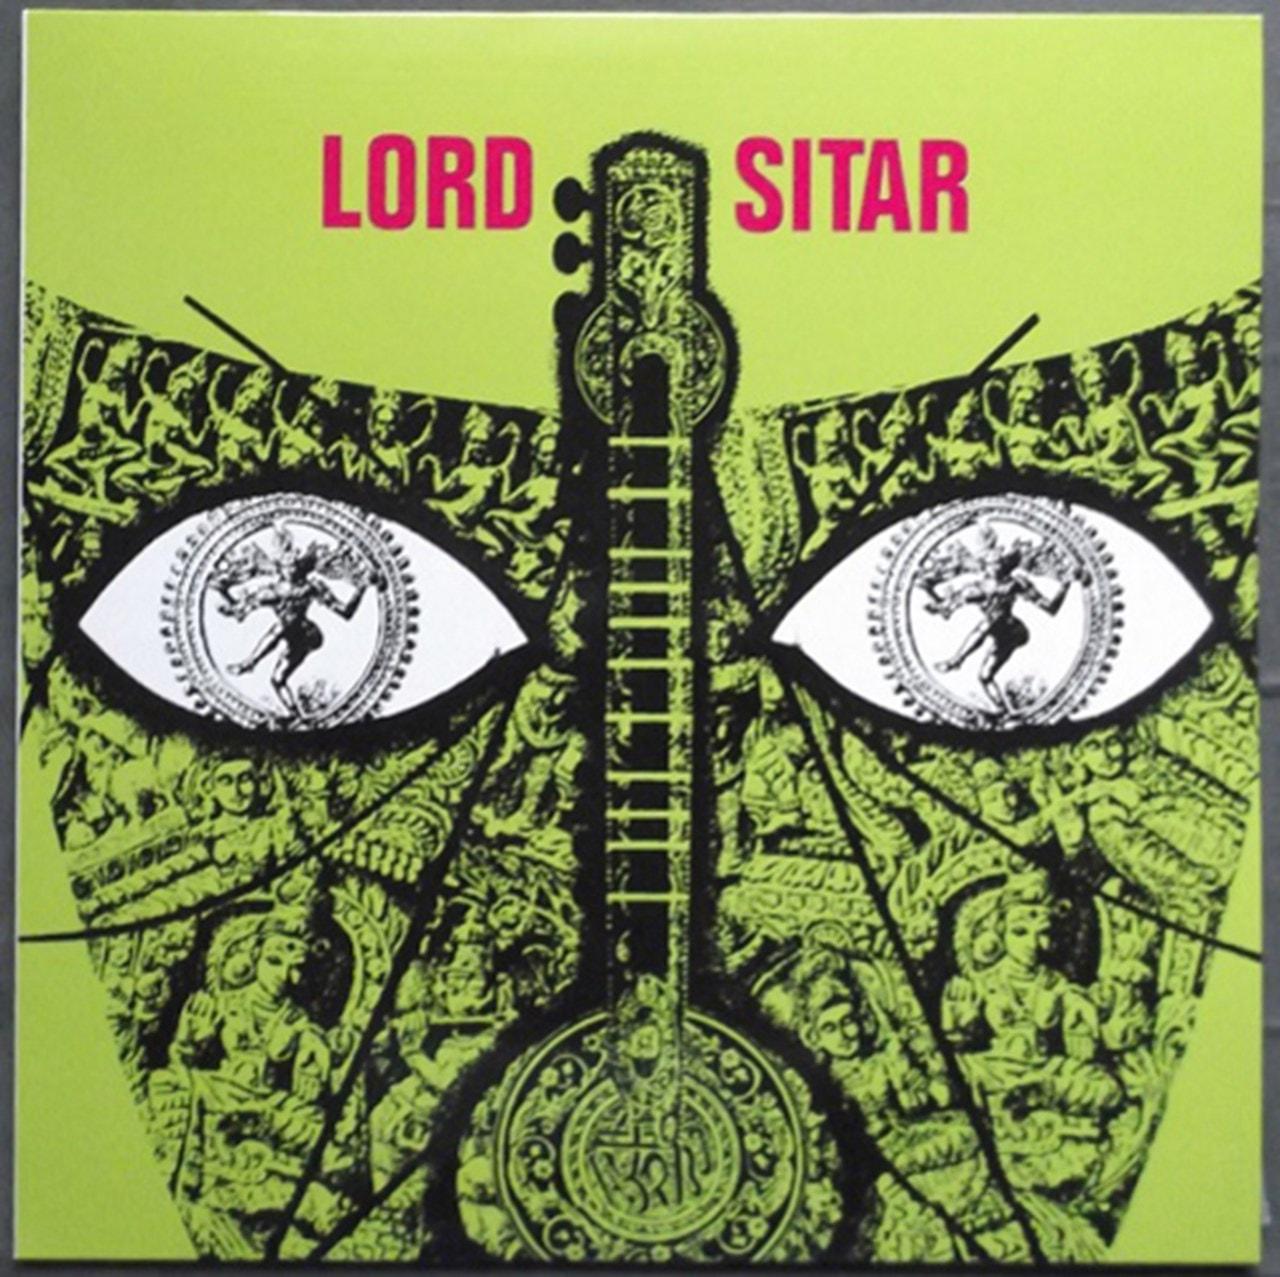 Lord Sitar - 1